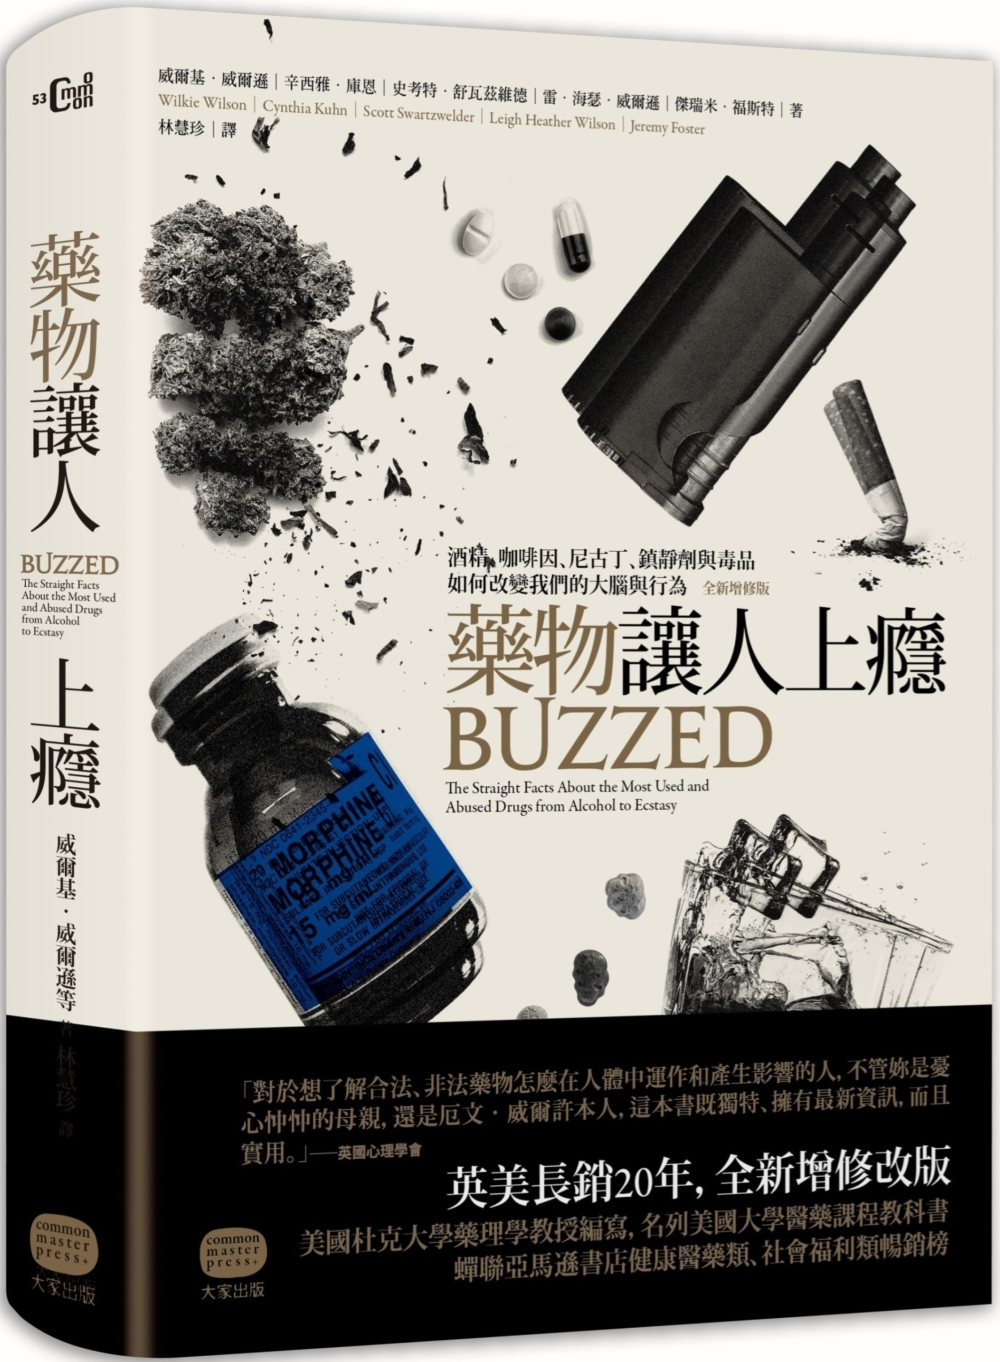 藥物讓人上癮:酒精、咖啡因、尼古丁、鎮靜劑與毒品如何改變我們的大腦與行為(全新增修版)